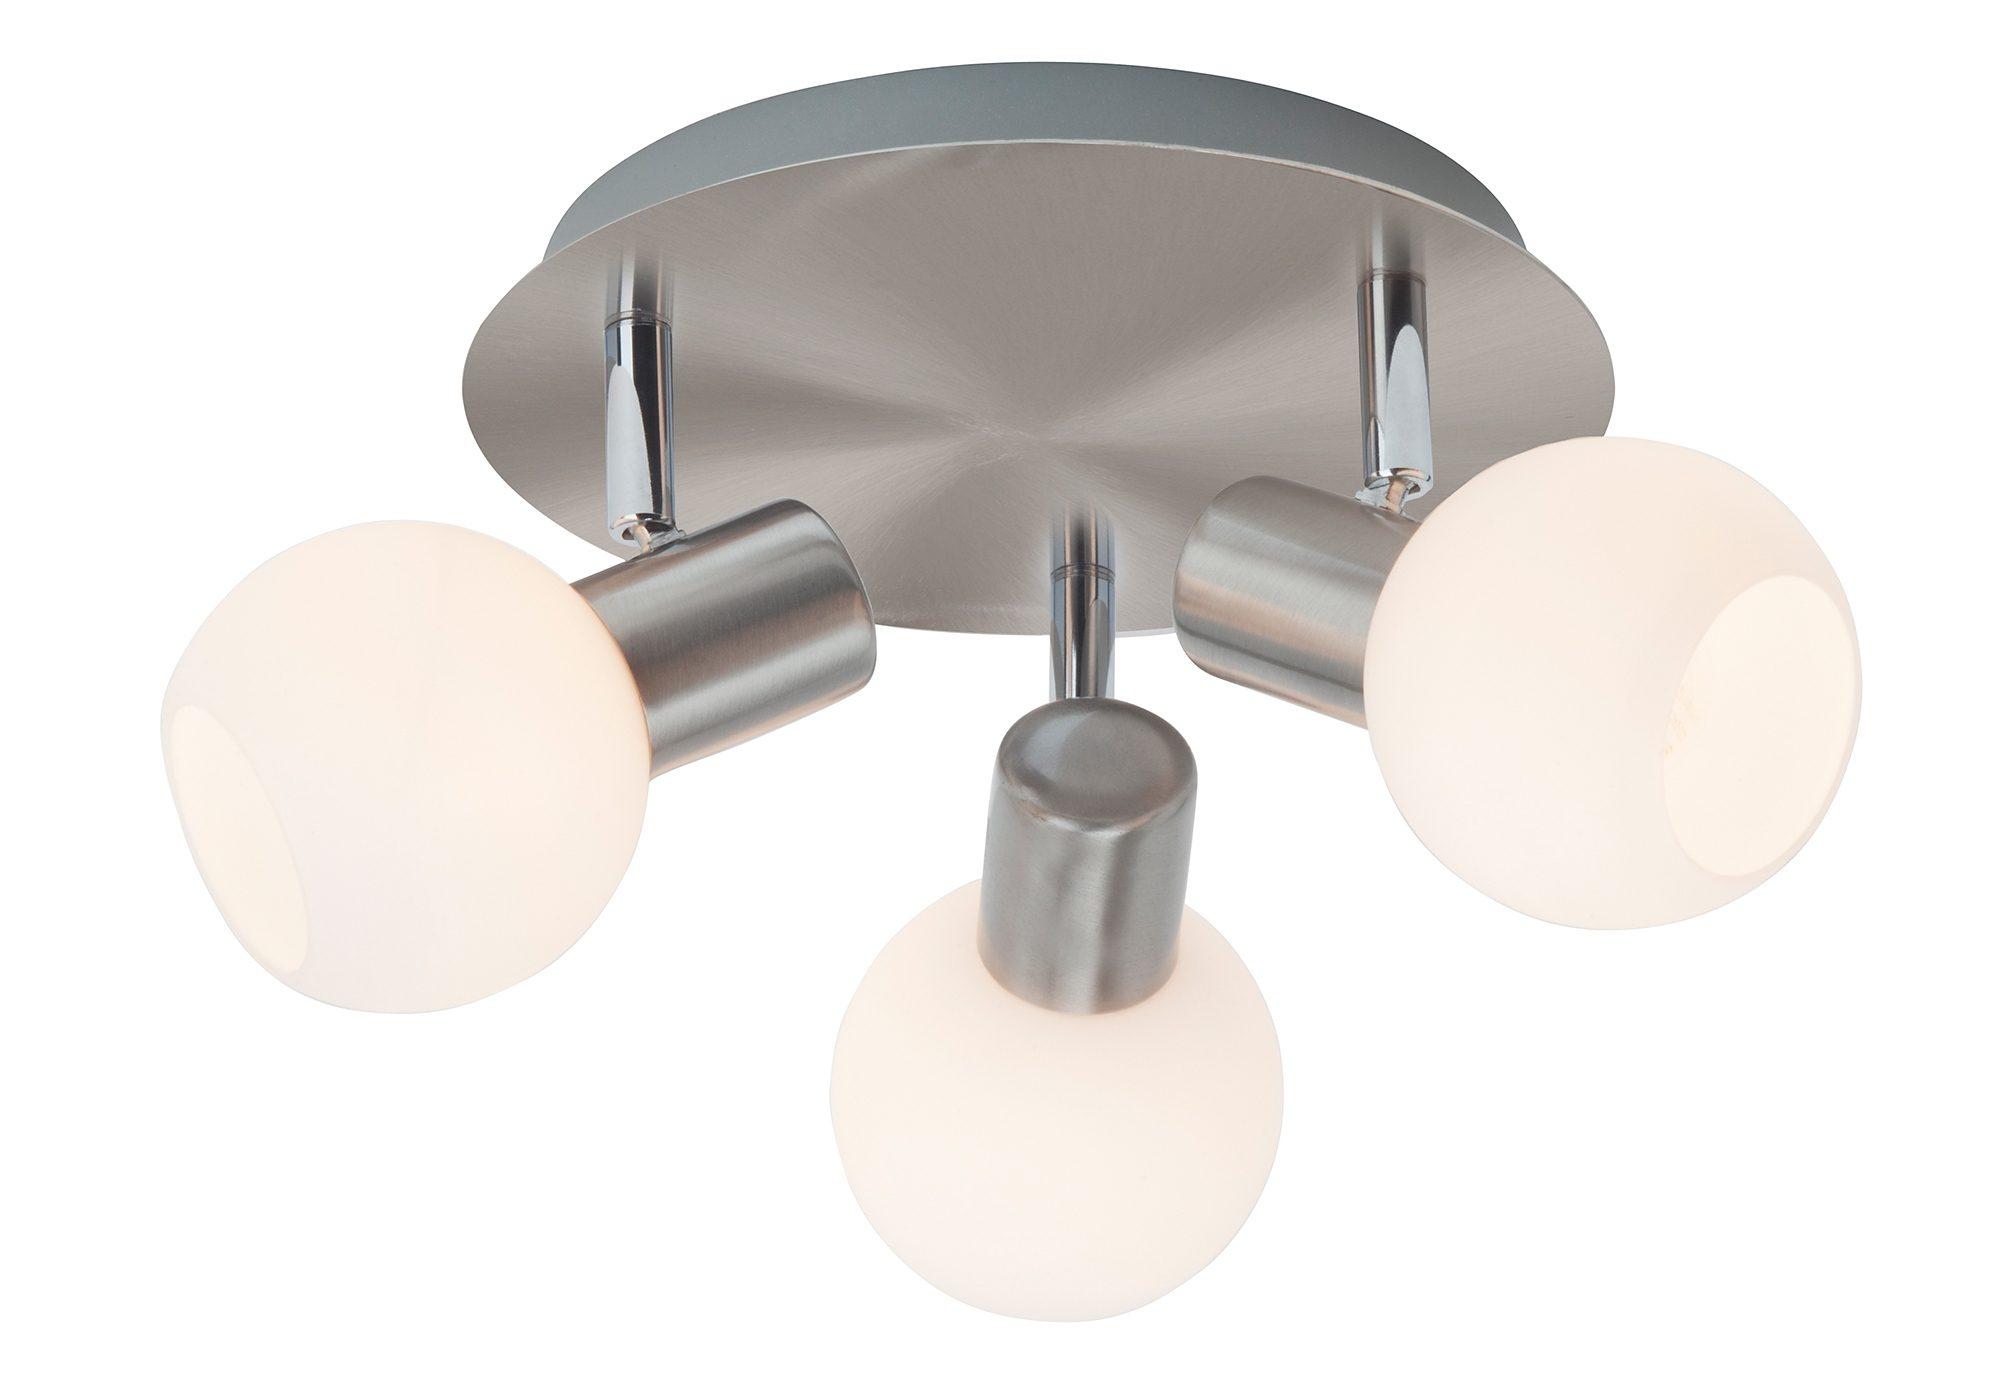 Brilliant Leuchten LED Deckenstrahler »PHILO LED«, 3-flammig